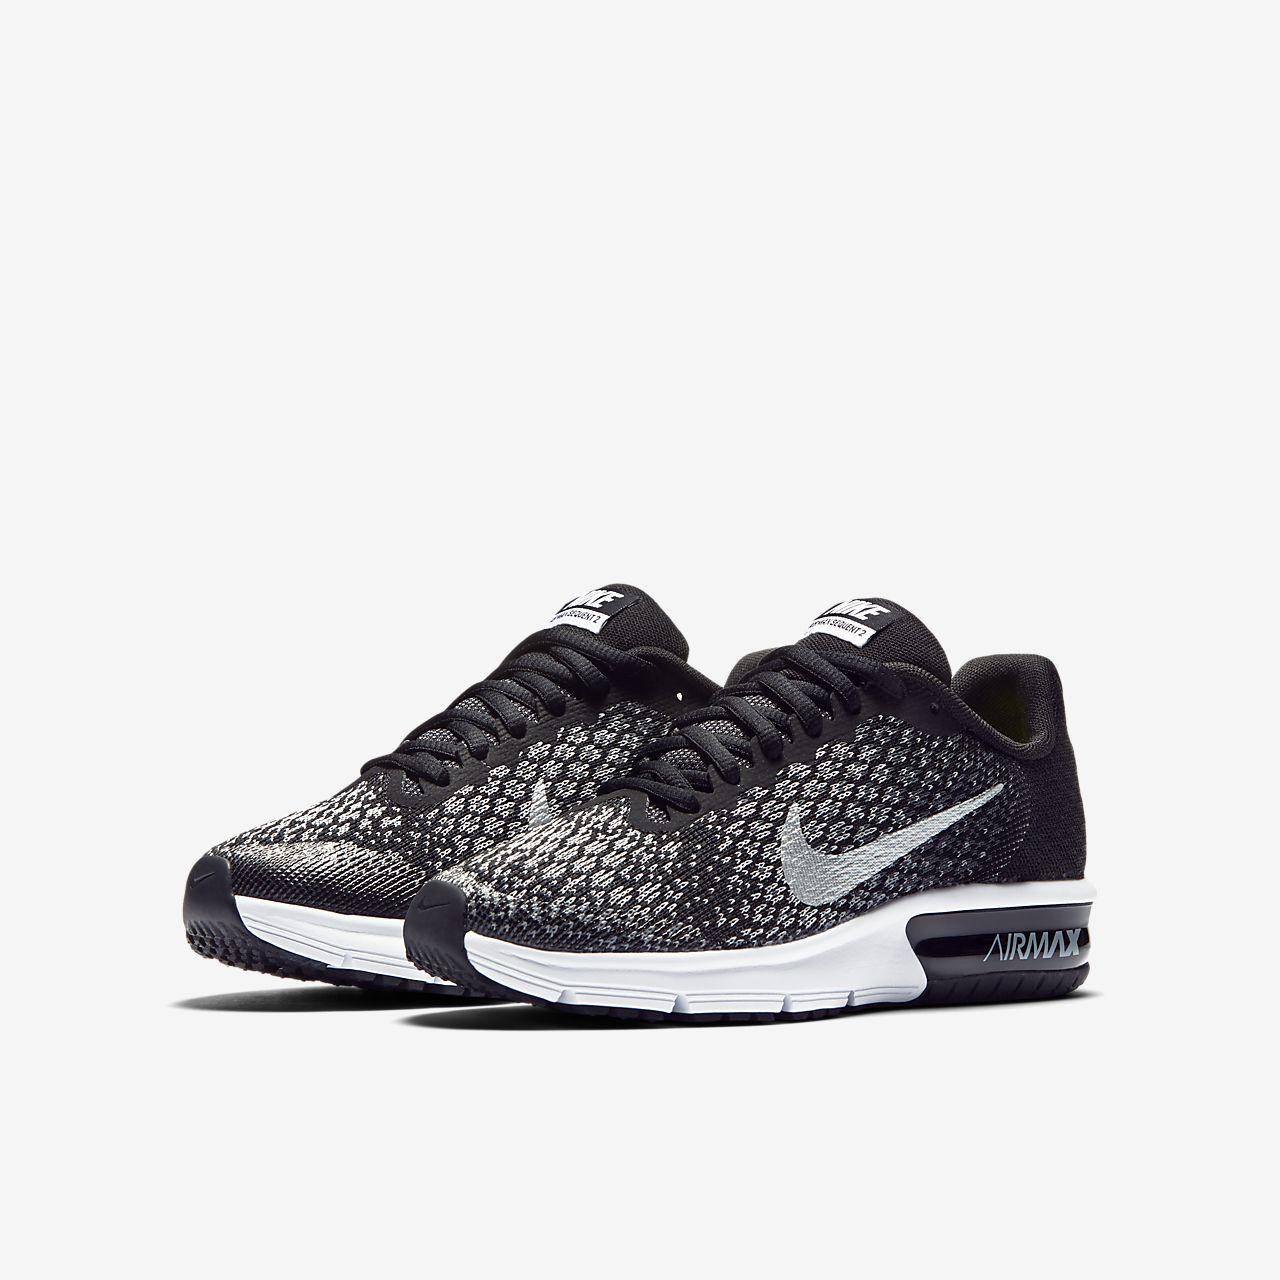 big sale b32dd 8cf8b ... Chaussure de running Nike Air Max Sequent 2 pour Enfant plus âgé